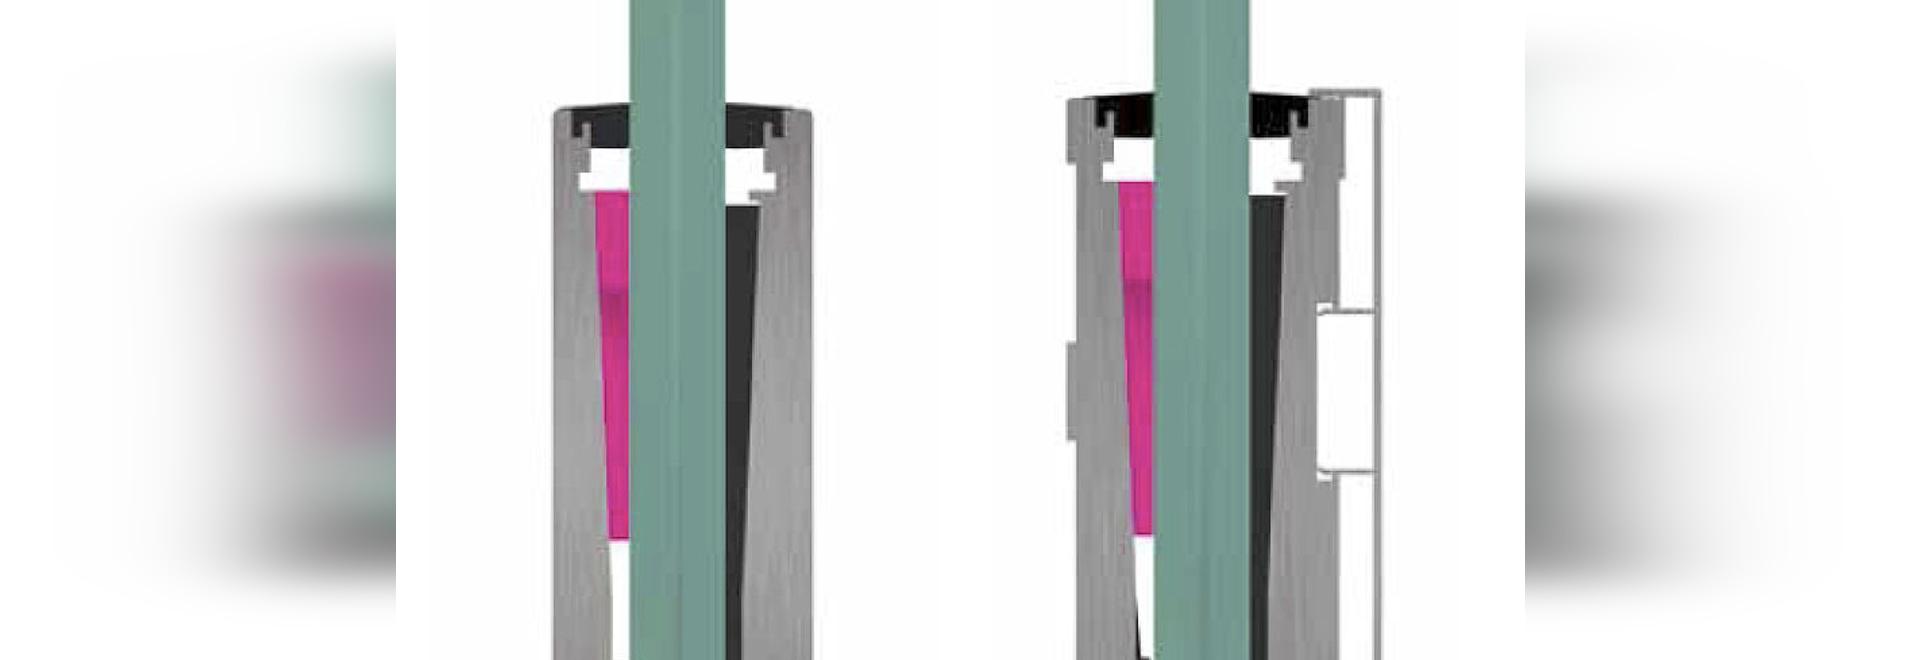 GlassU 2kN - Design solutions for glass railings